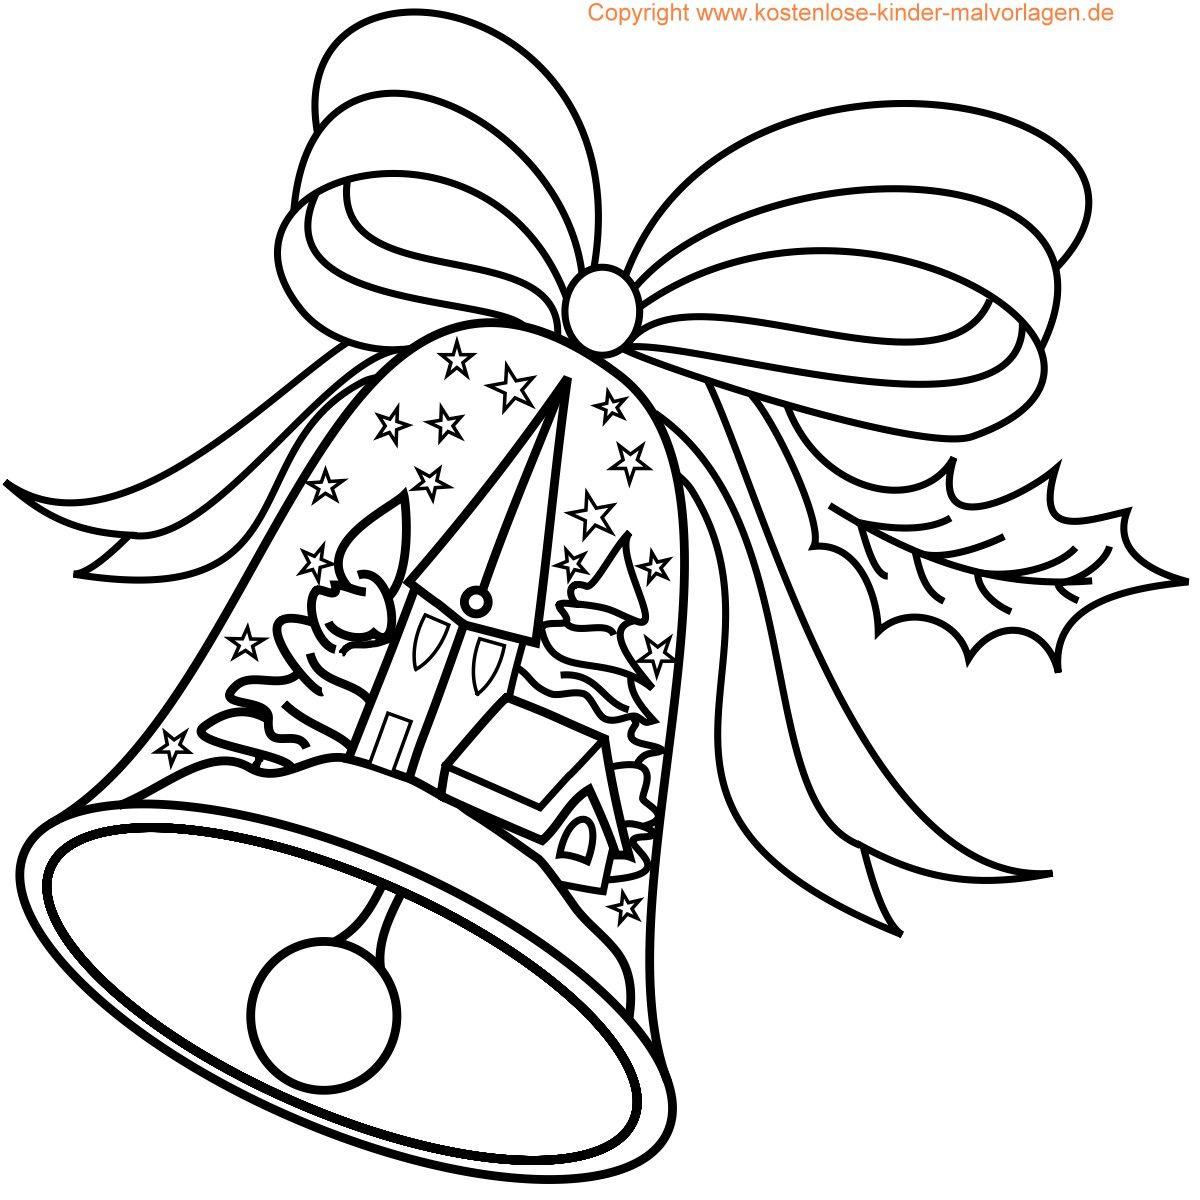 Weihnachten Malvorlagen   Malvorlagen Weihnachten mit Window Color Weihnachten Vorlagen